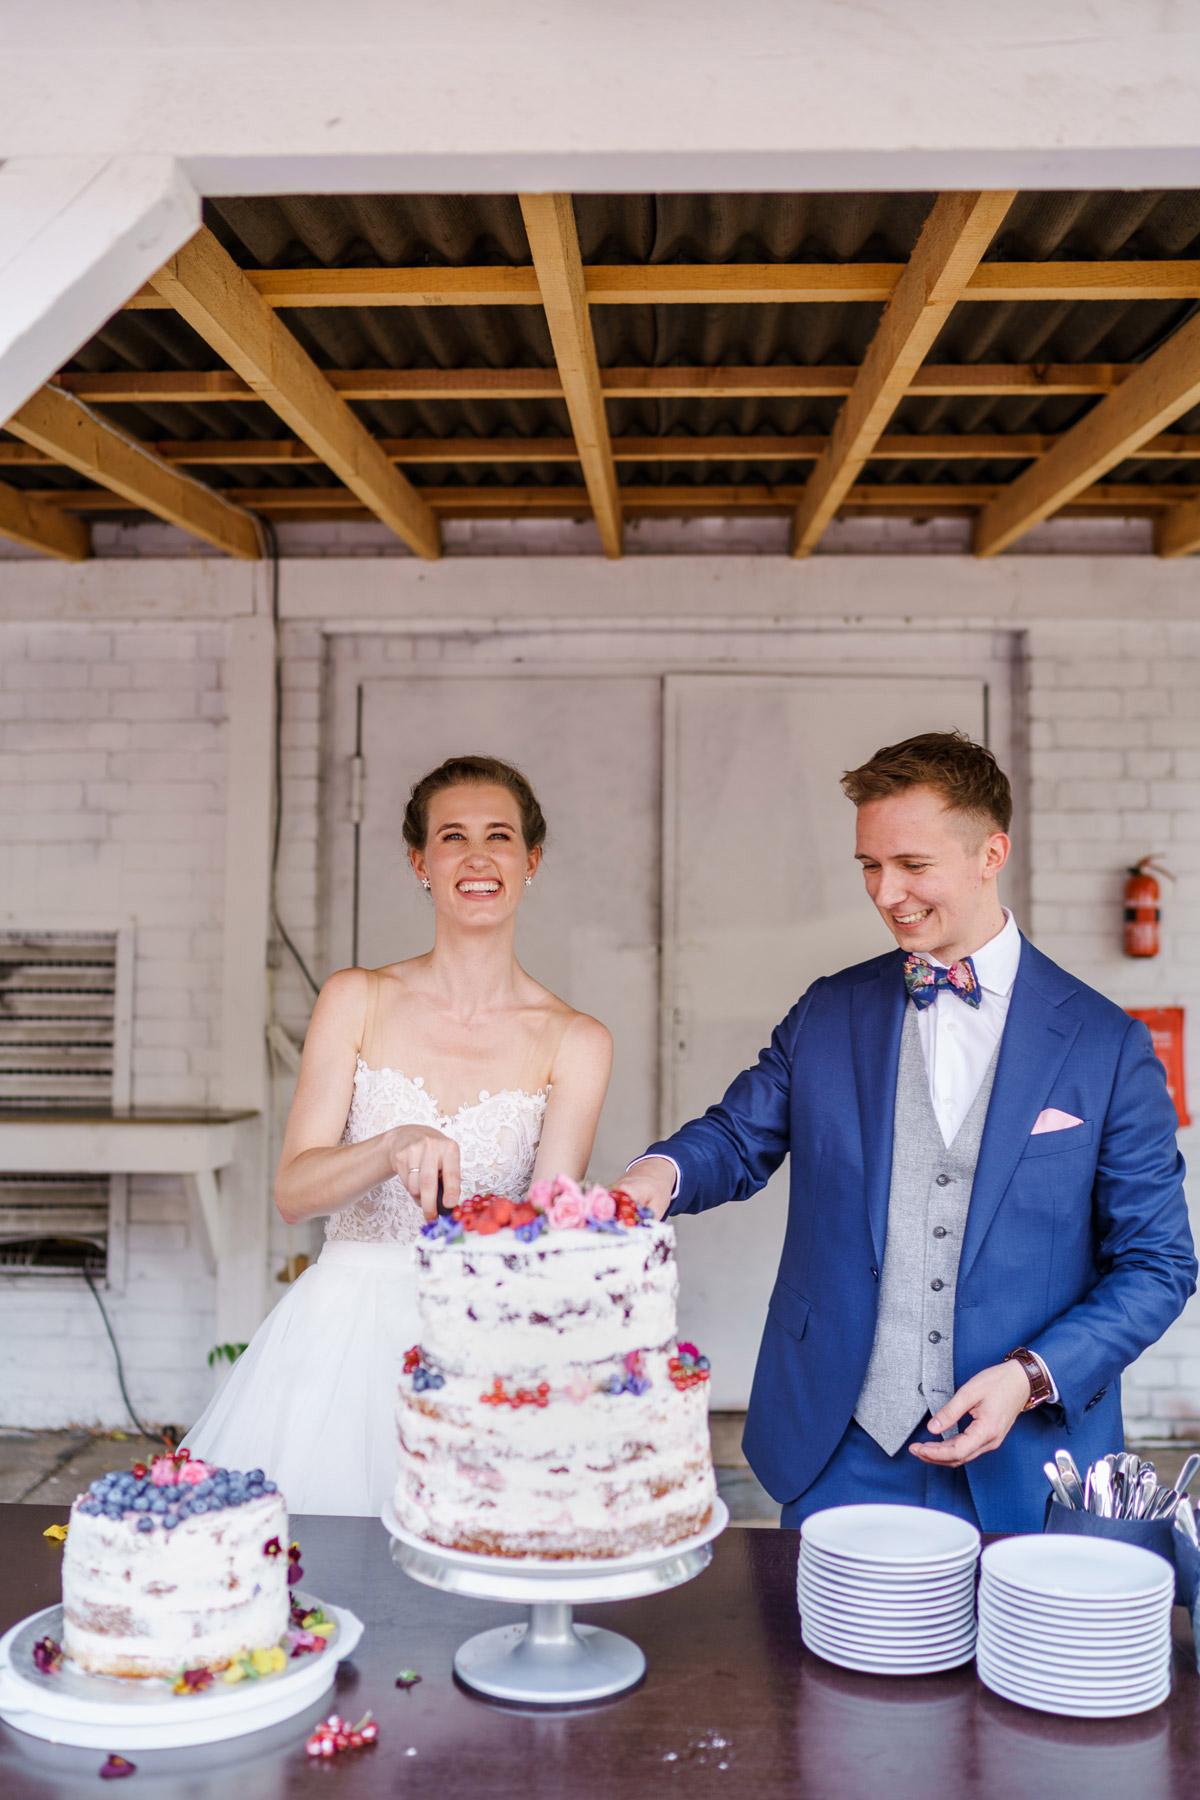 Idee vintage DIY-Hochzeitstorte: Wer liebt keine Torte zur Hochzeit? Naked Cake schlicht mit Blumen ist eine tolle Hochzeitskuchen Inspiration - Aber Vorsicht: Nicht den Kühlschrank plündern. #weddingcake auf vintage Hochzeit in Berlin - Hochzeitsfoto von #hochzeitslicht © www.hochzeitslicht.de Hochzeitsfoto Anschneiden Hochzeitstorte